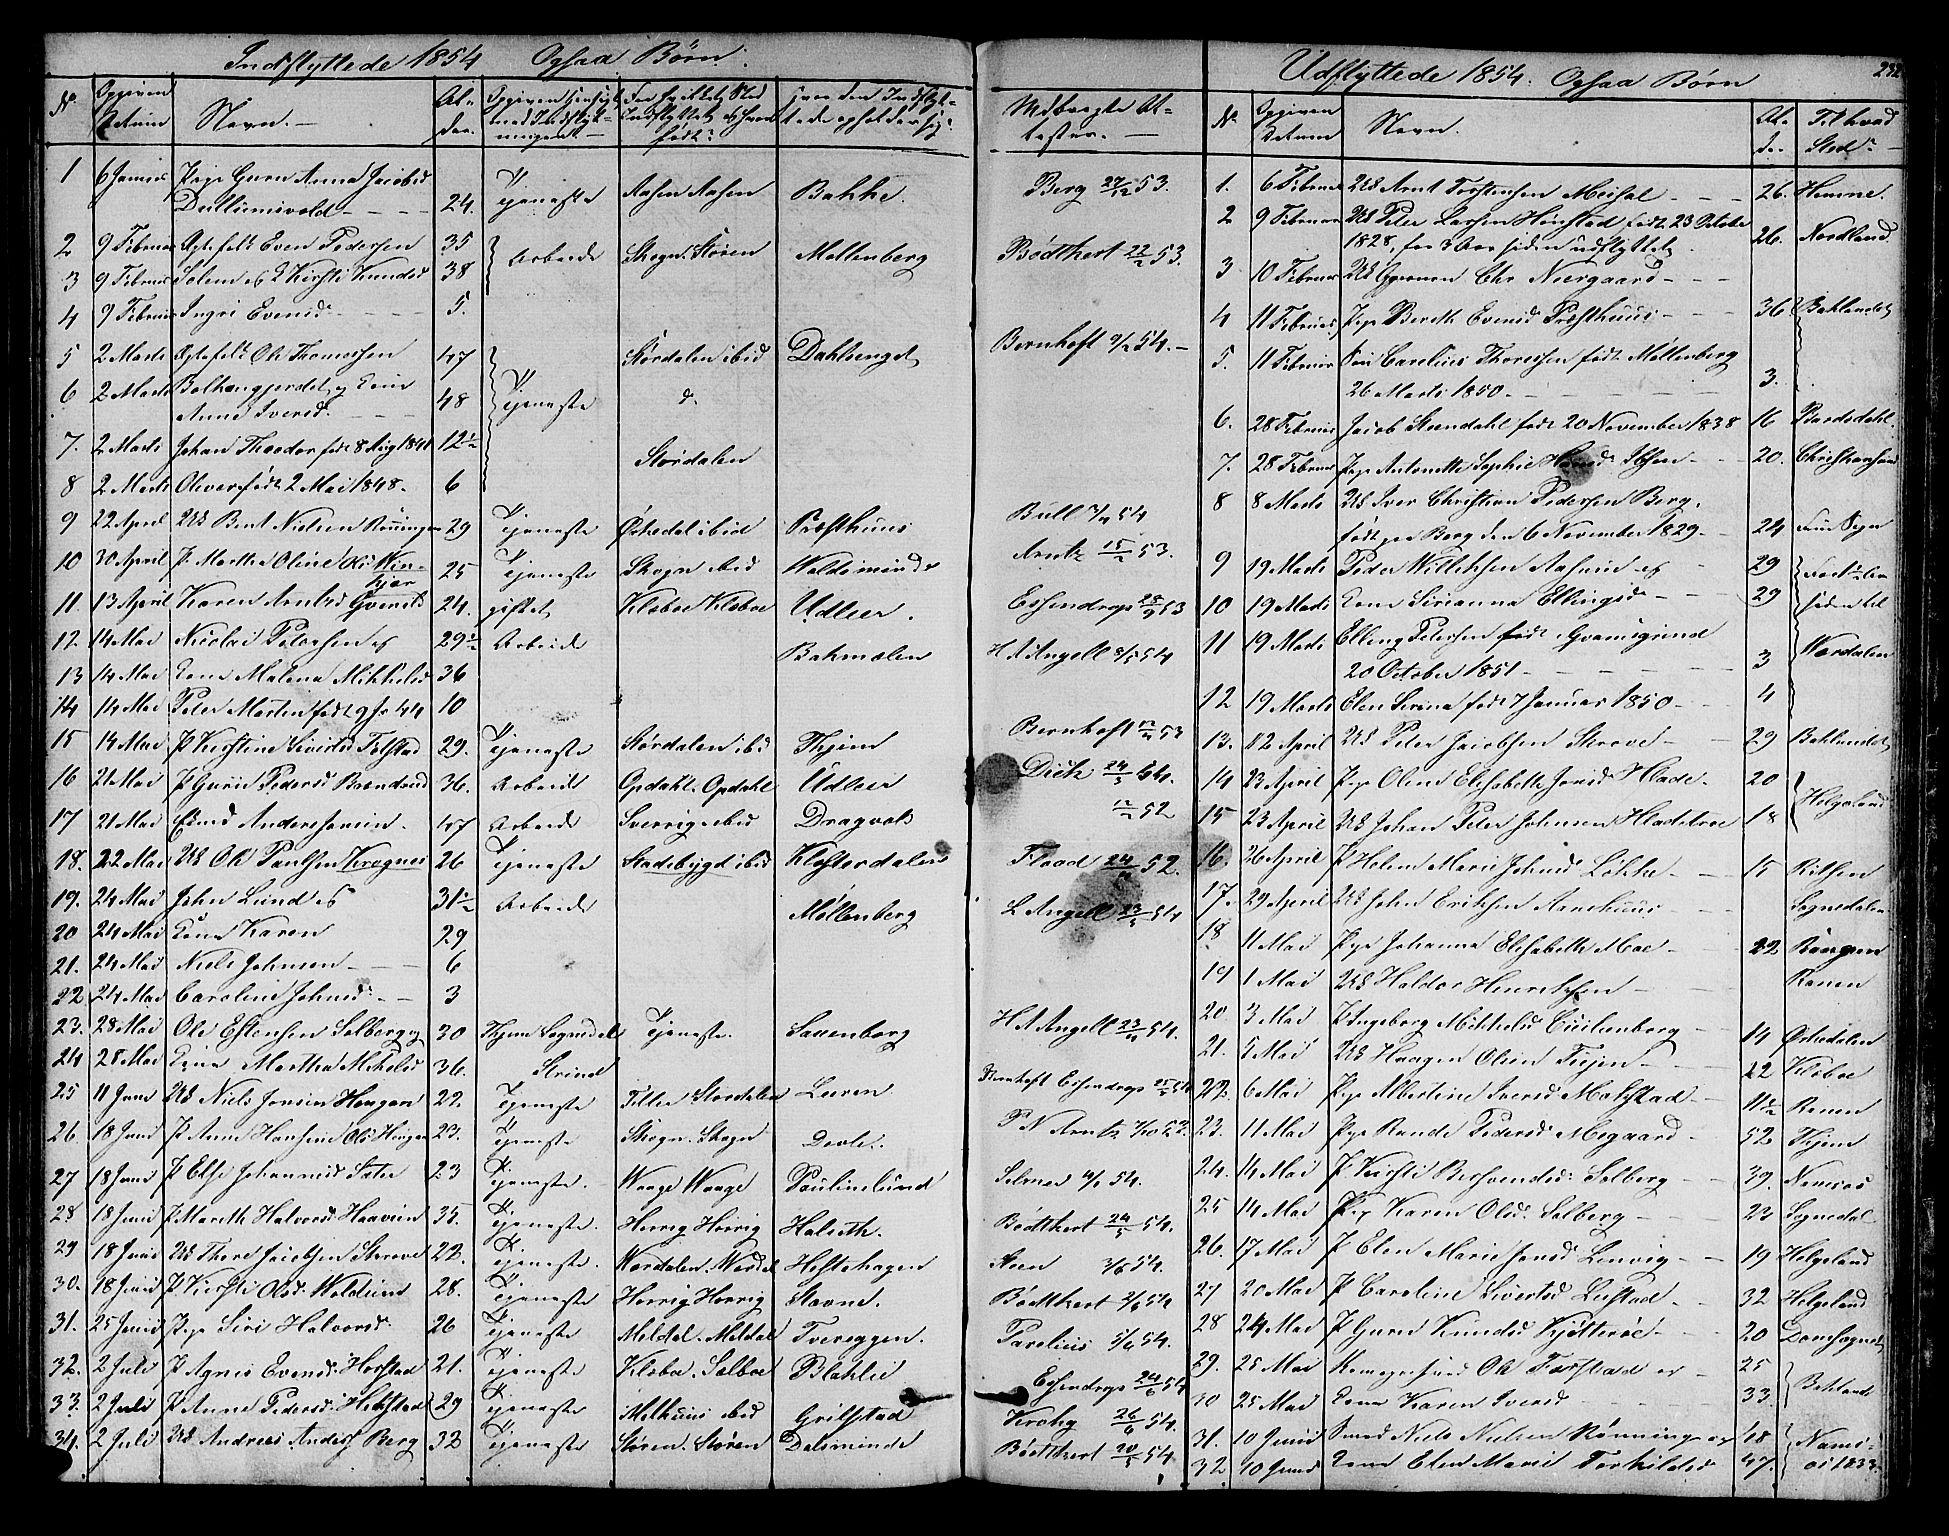 SAT, Ministerialprotokoller, klokkerbøker og fødselsregistre - Sør-Trøndelag, 606/L0310: Klokkerbok nr. 606C06, 1850-1859, s. 232